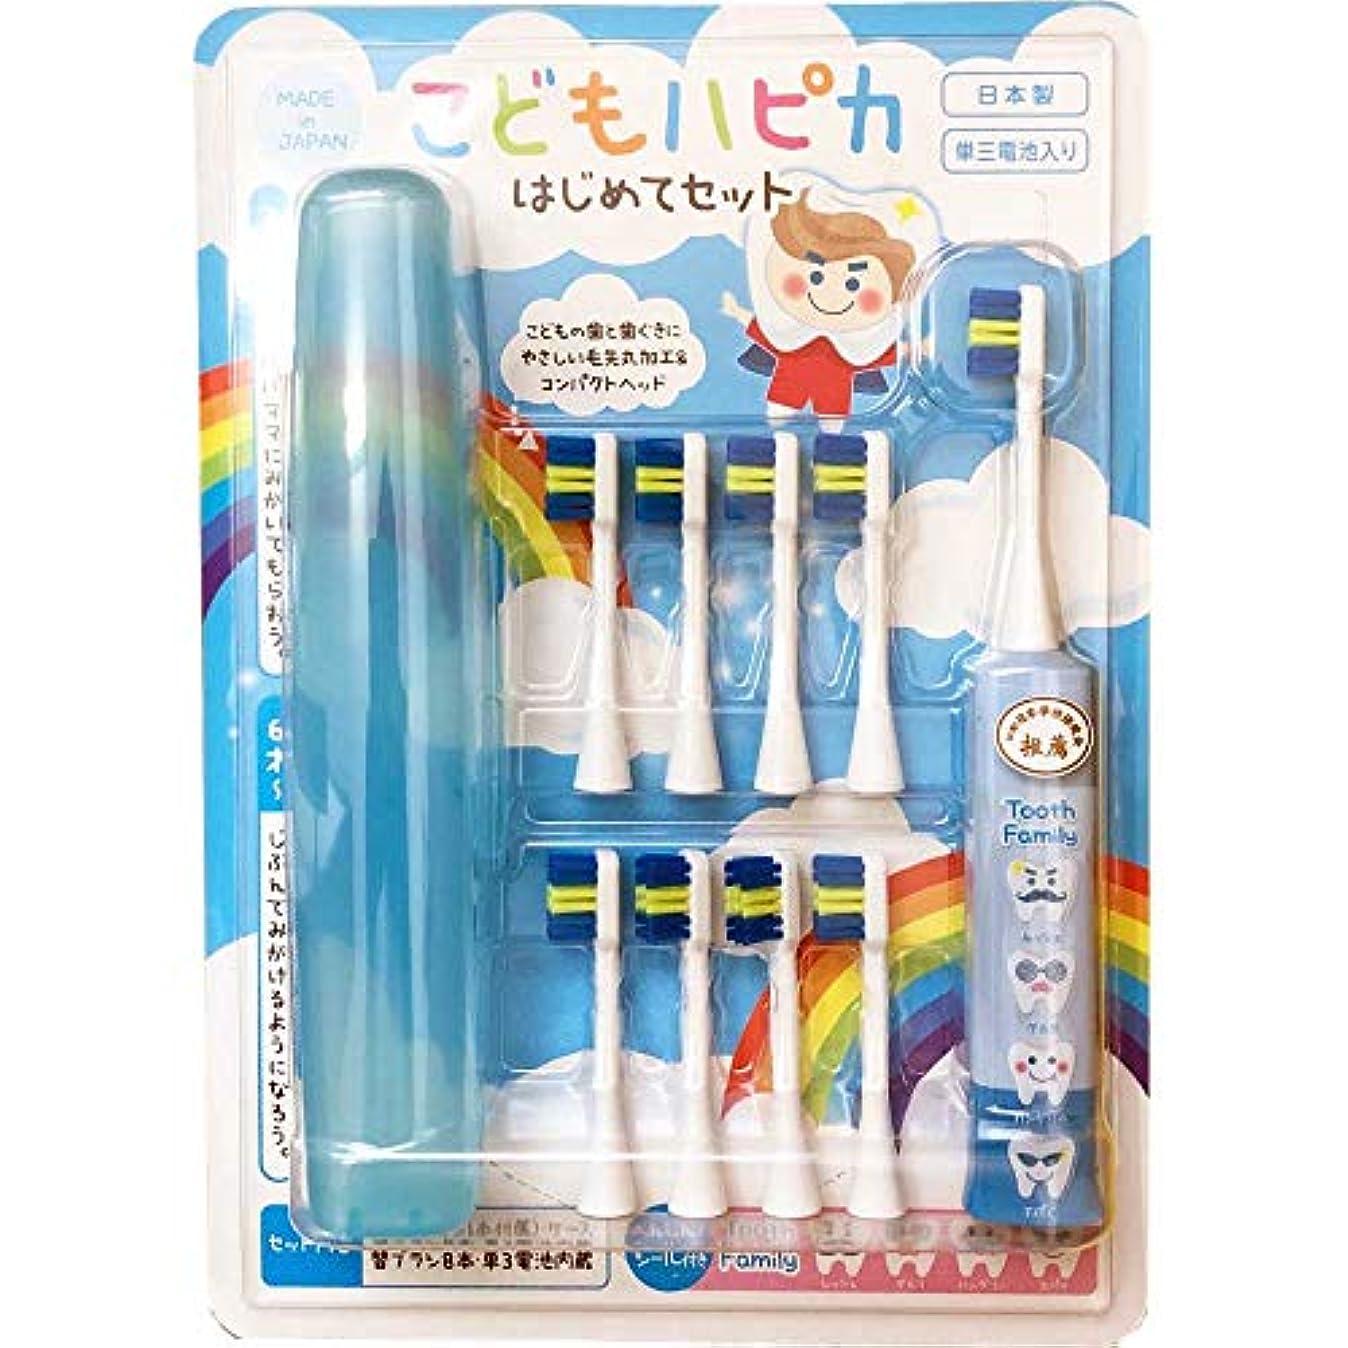 メリー鏡アセミニマム こどもハピカセット ブルー 子供用電動歯ブラシ